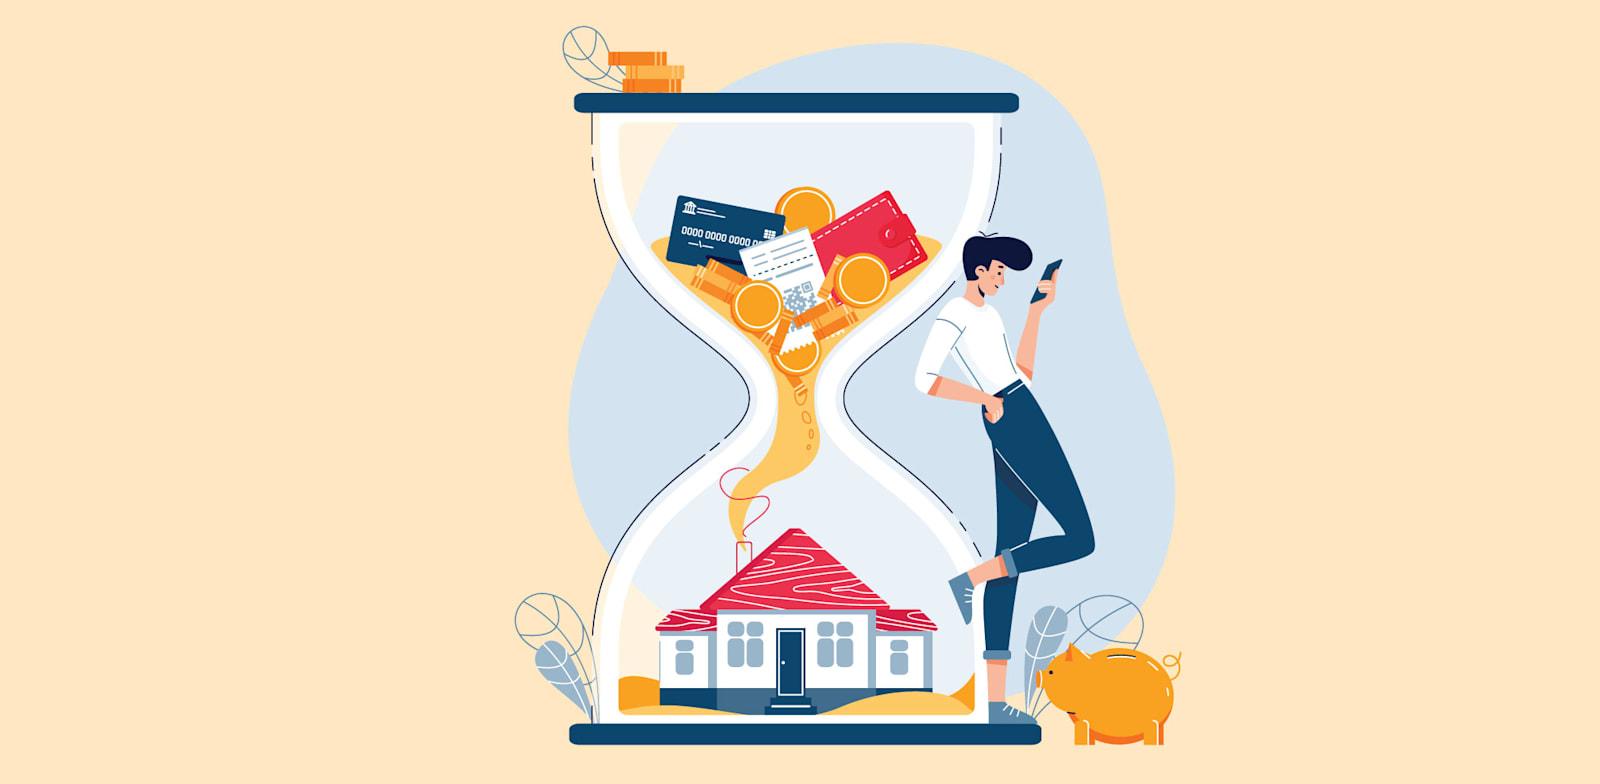 חלום הדירה מתרחק, והביקוש לשכירות לטווח ארוך מזנק / צילום: Shutterstock